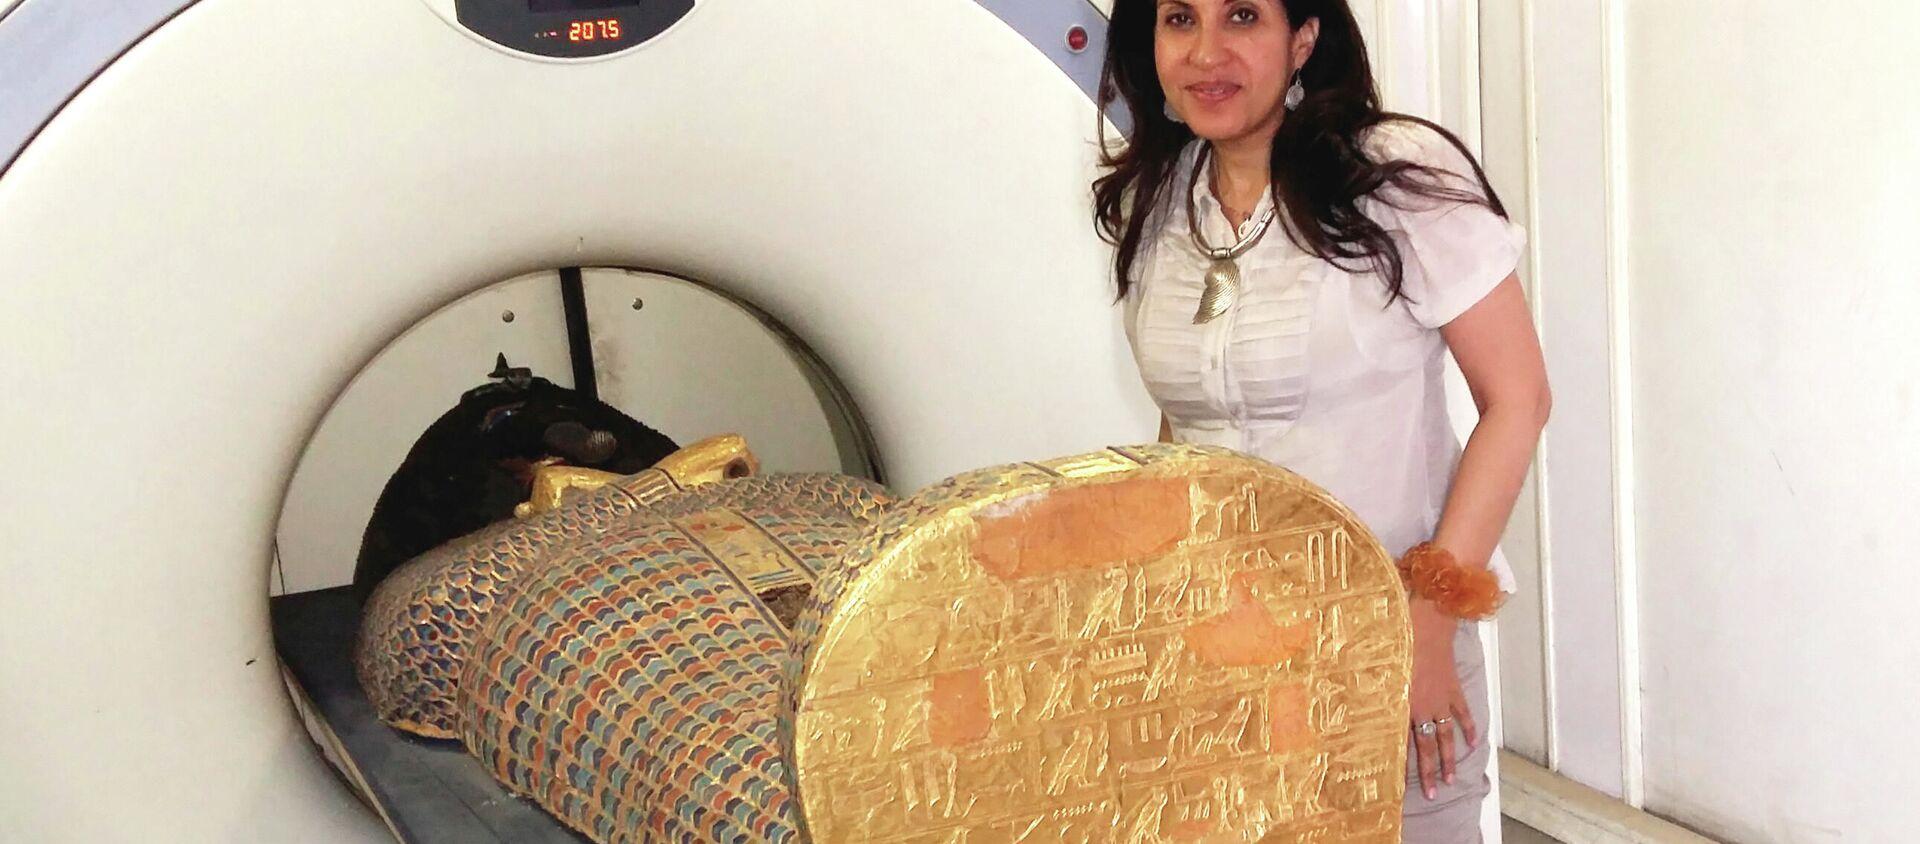 Tomografia computerizzata della mummia Seqenenre Tao  - Sputnik Italia, 1920, 18.02.2021